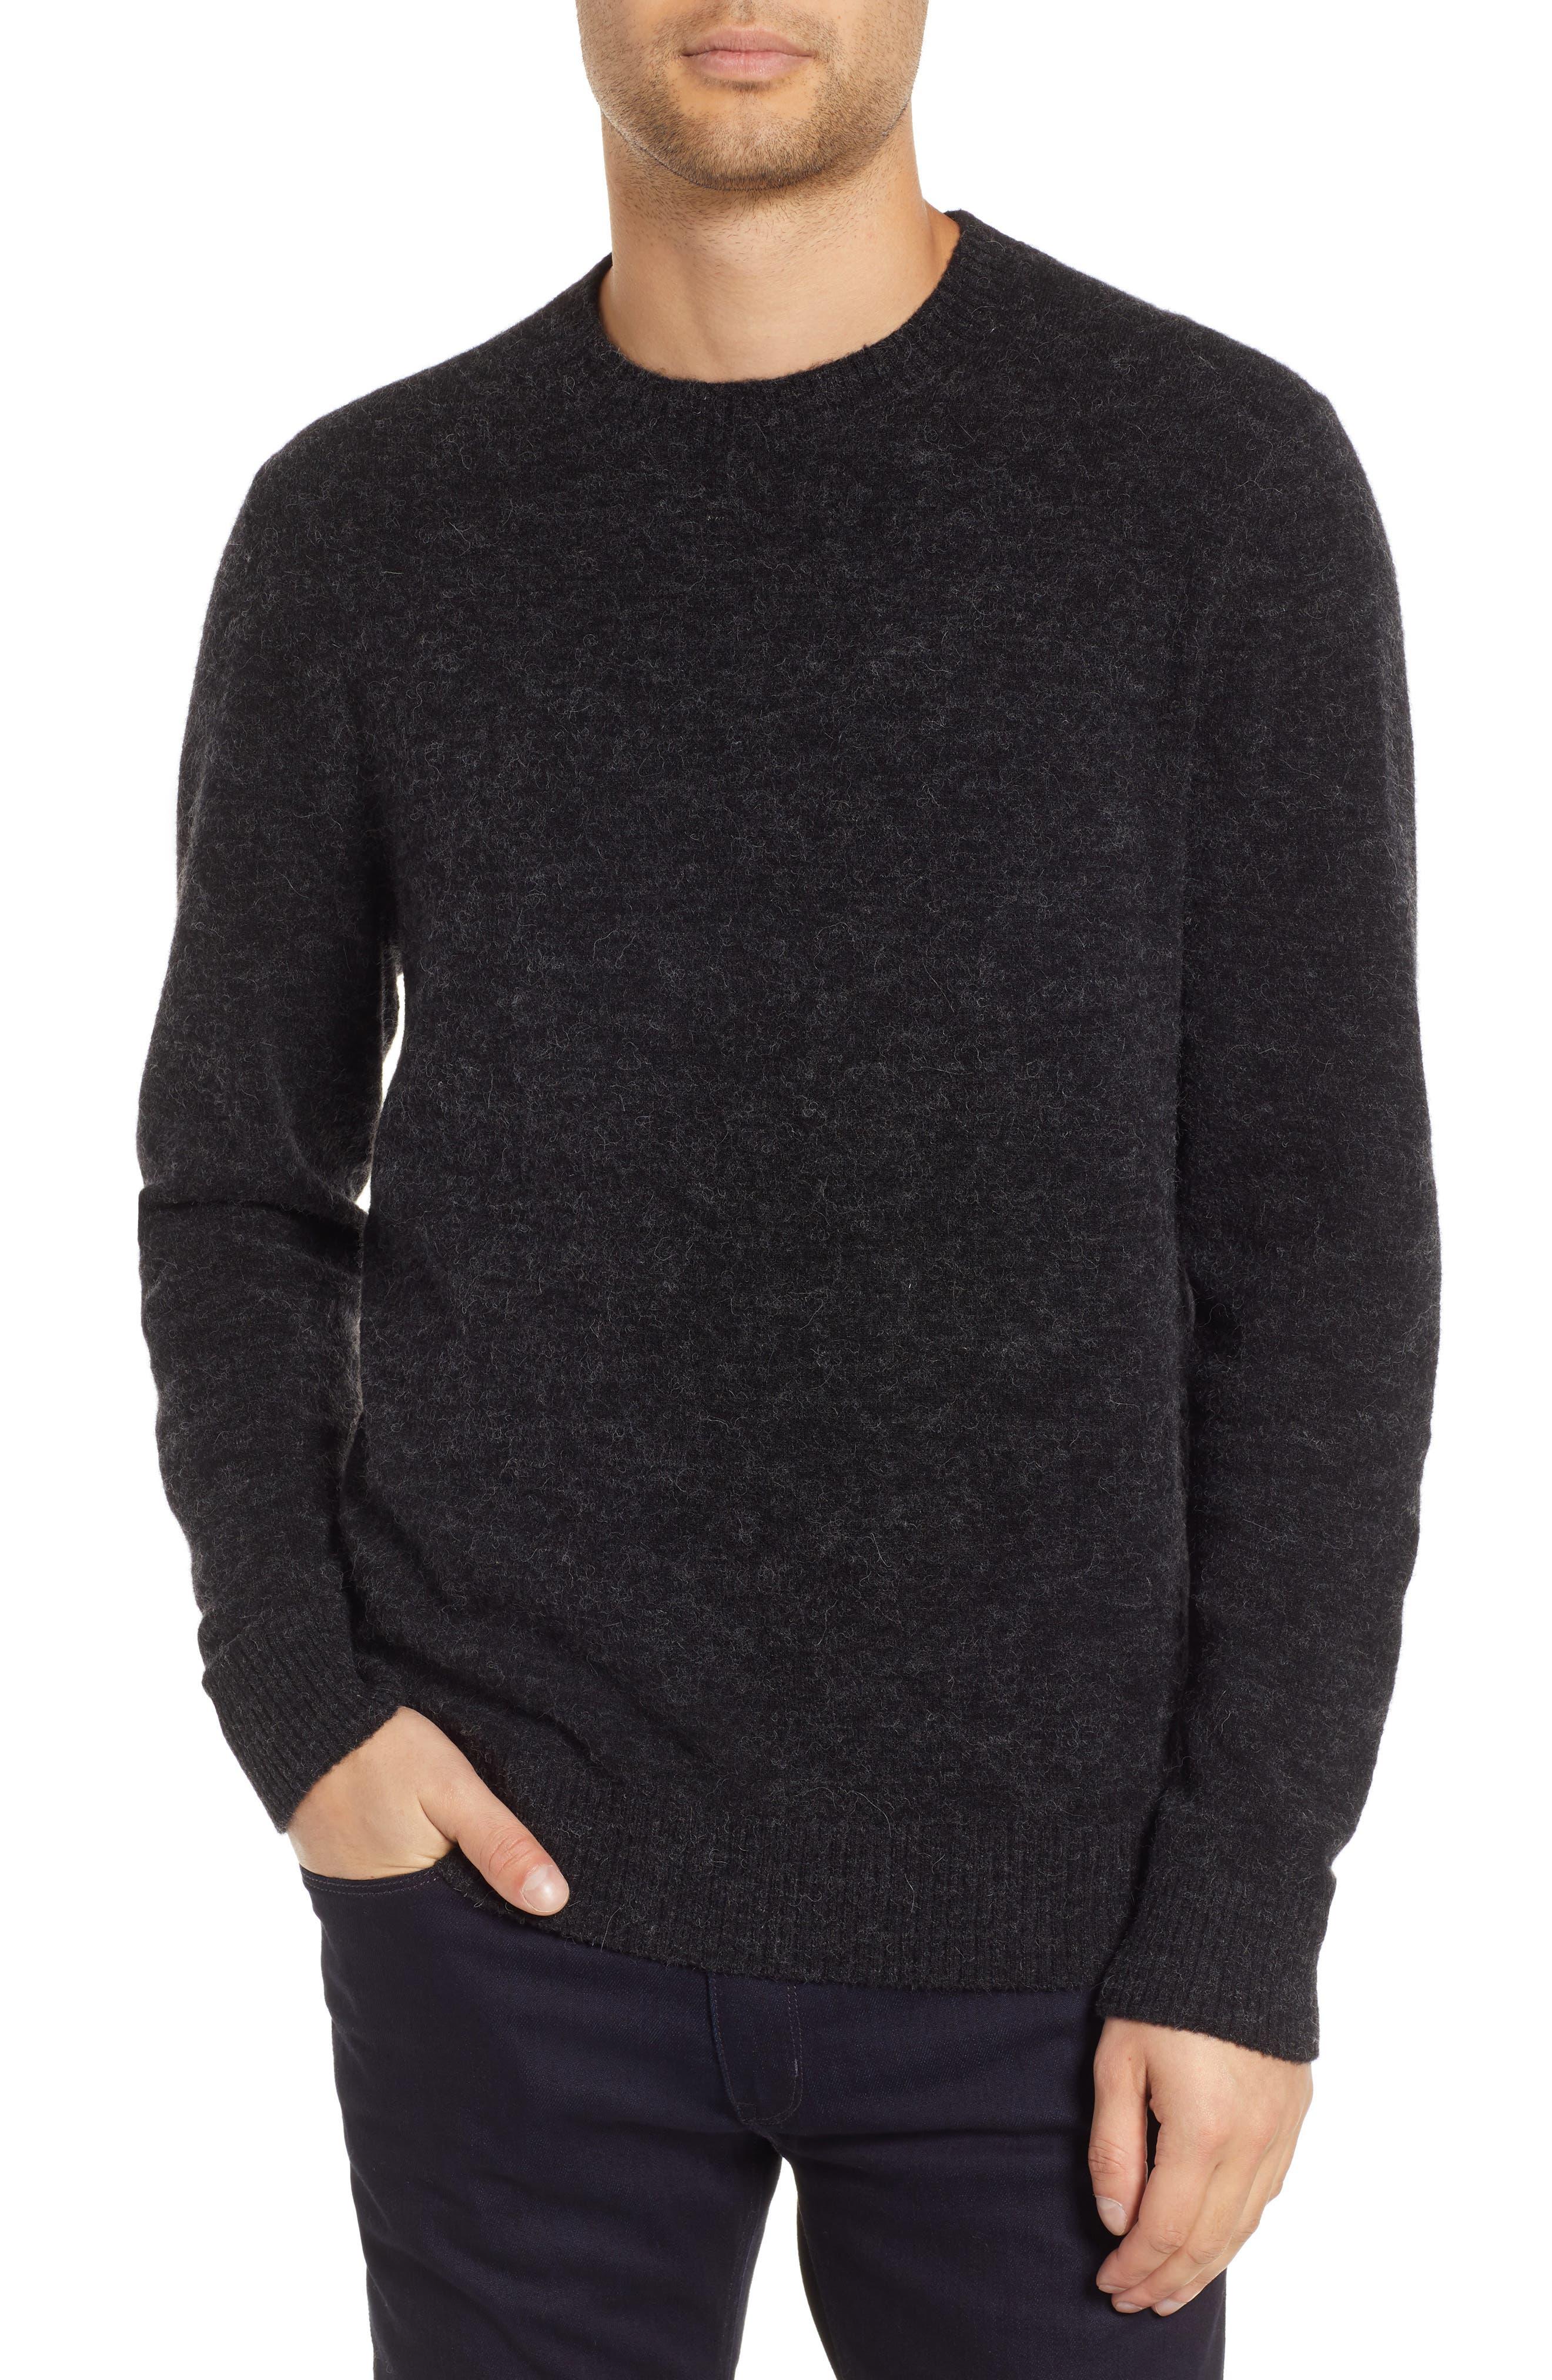 Seridon Oversize Crewneck Sweater,                         Main,                         color, 020